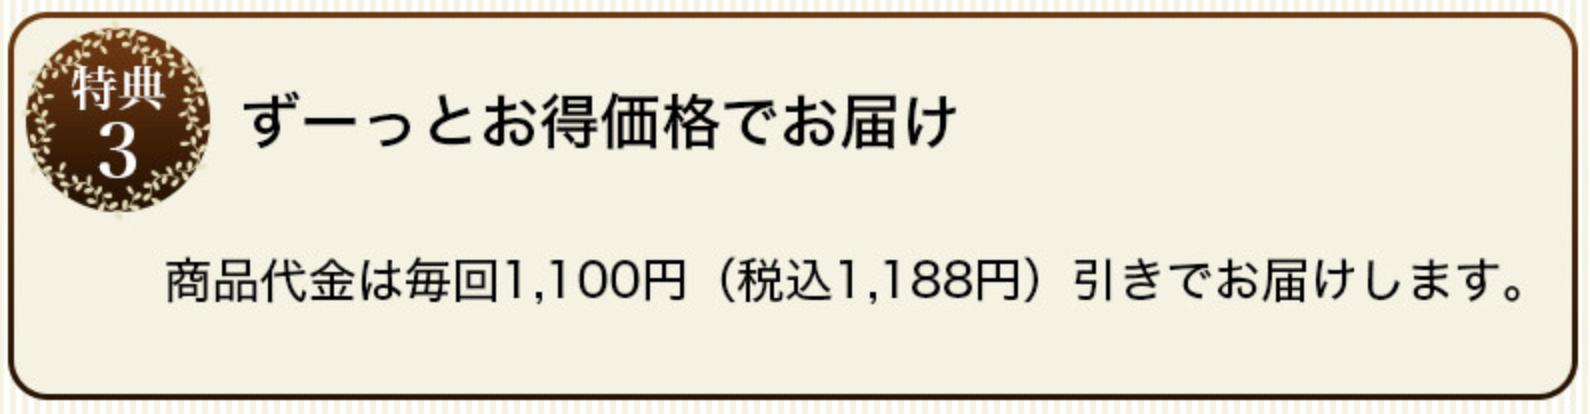 スクリーンショット 2018-01-22 22.45.34